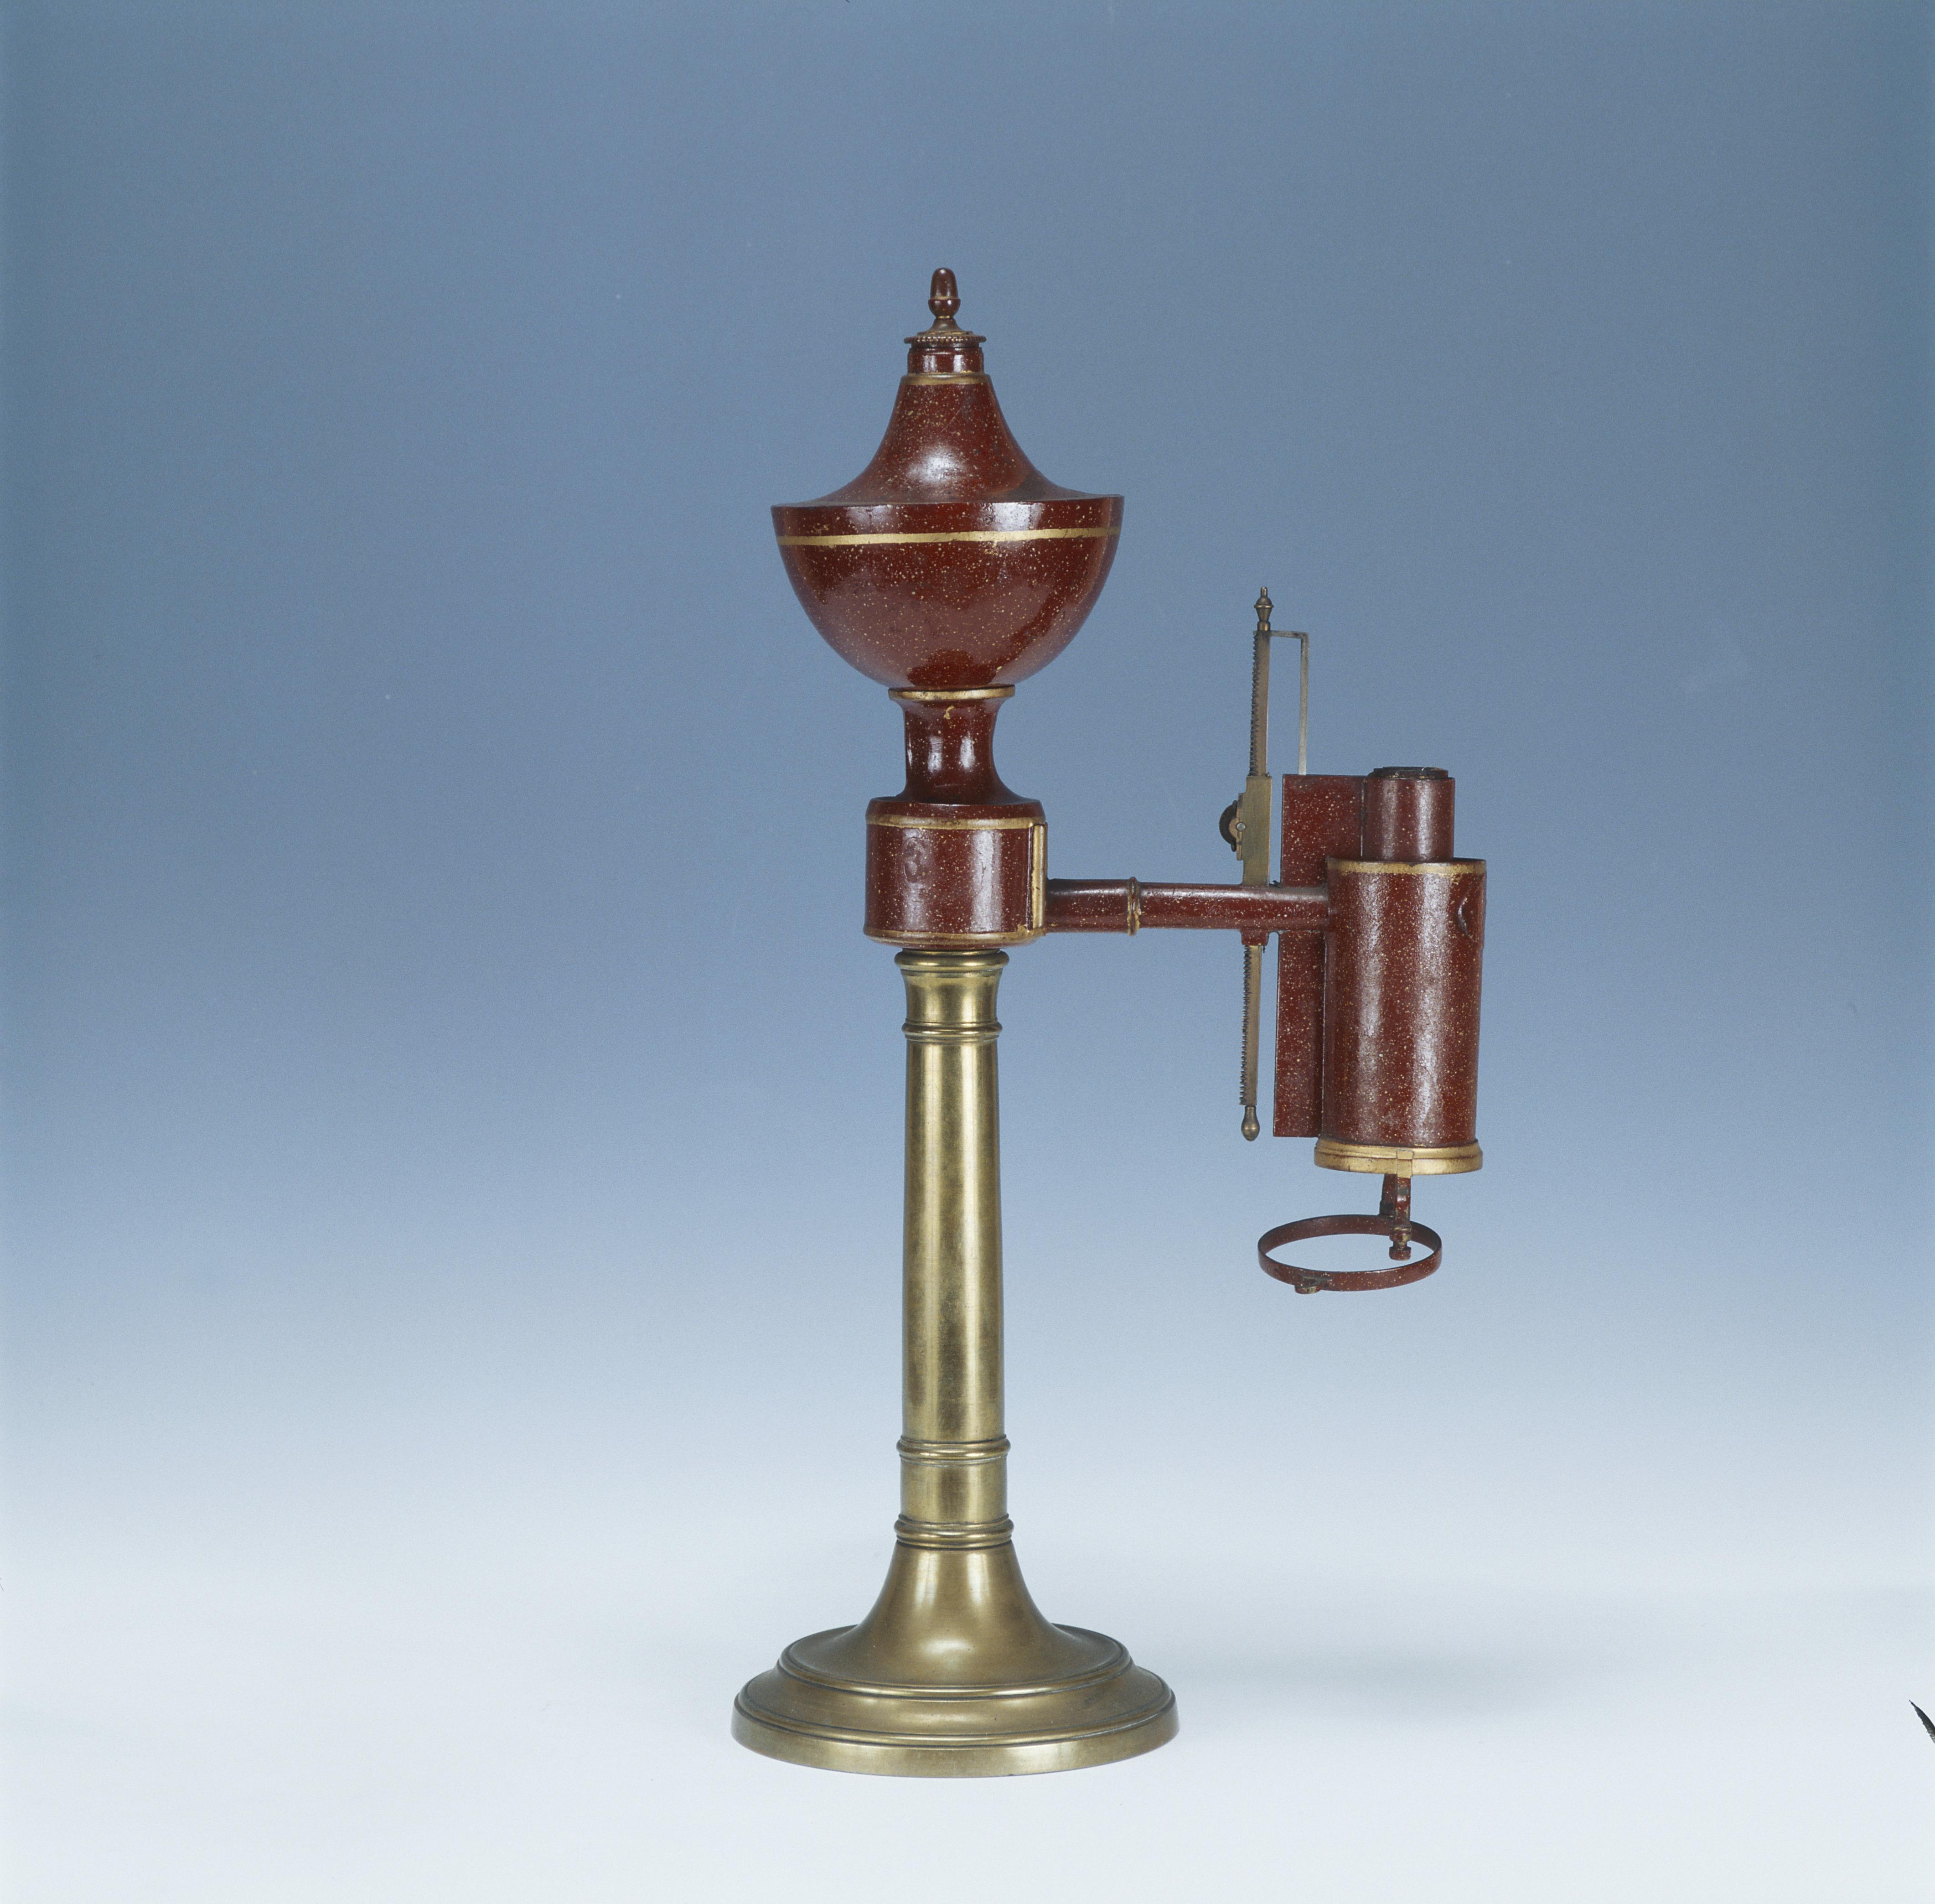 La lampe d'Argand restaurée par le Musée du CNAM (inventaire 00082-0000) - Musée des arts et métiers